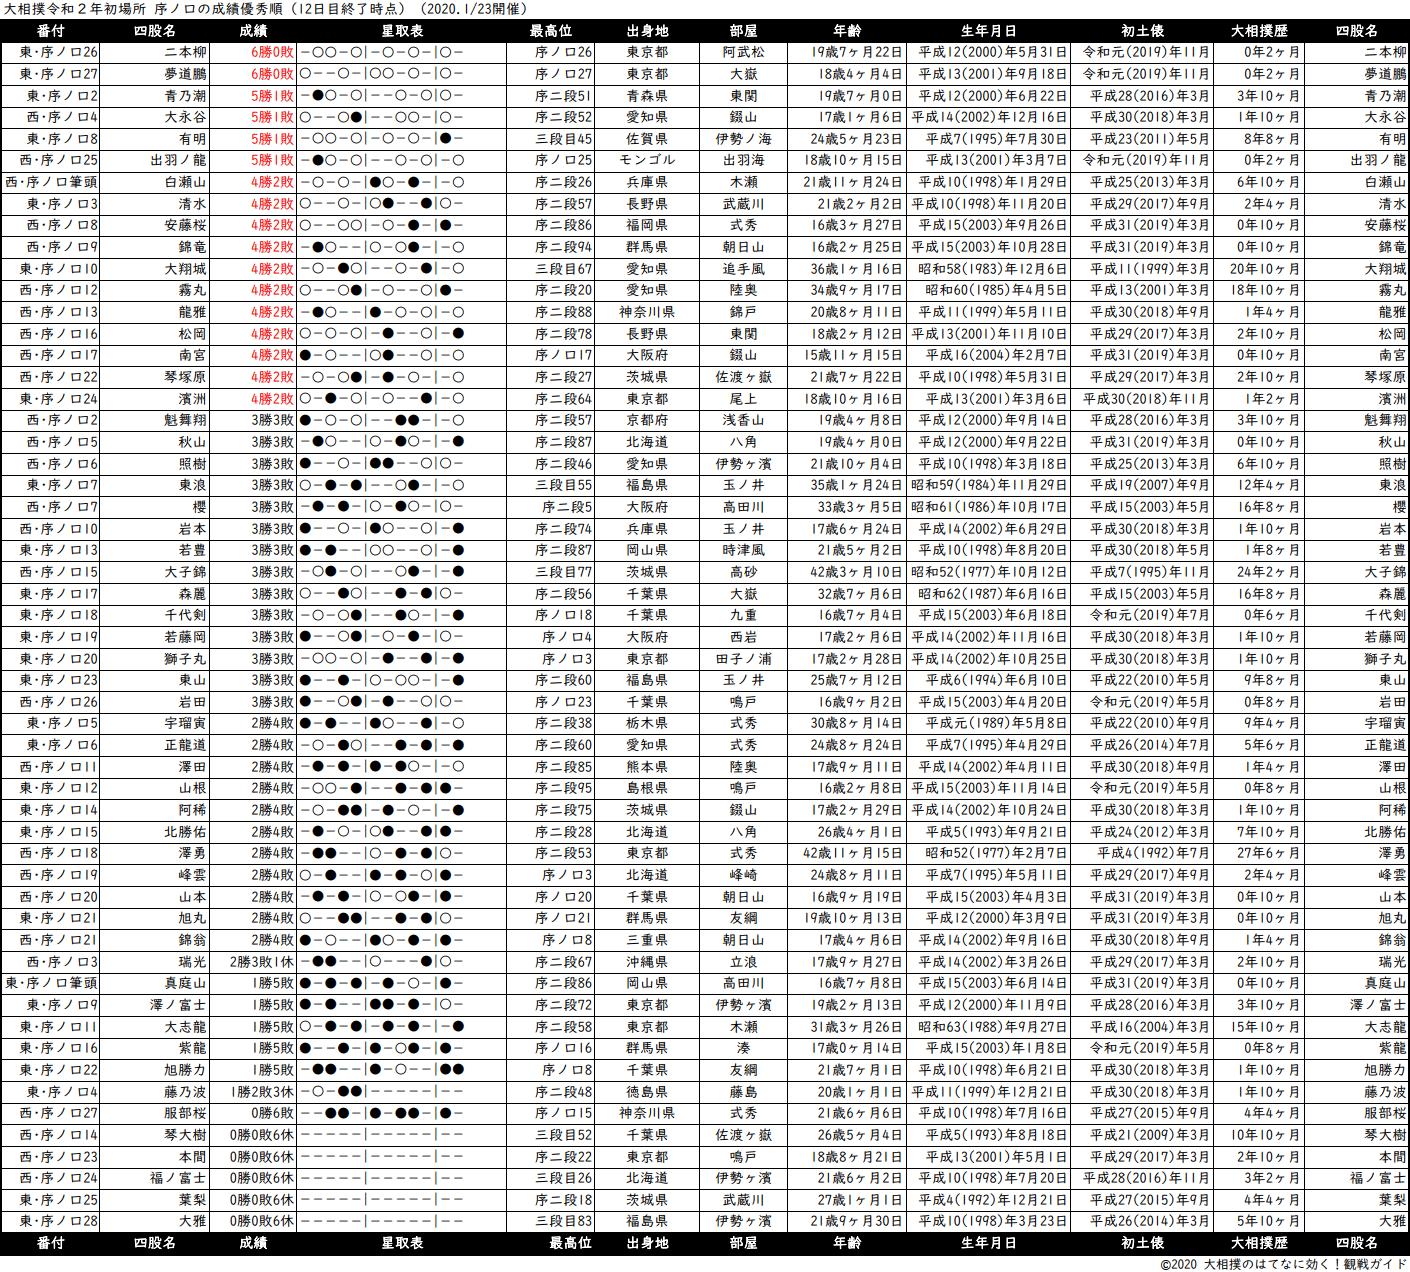 序ノ口成績順一覧表・2020年1月場所12日目